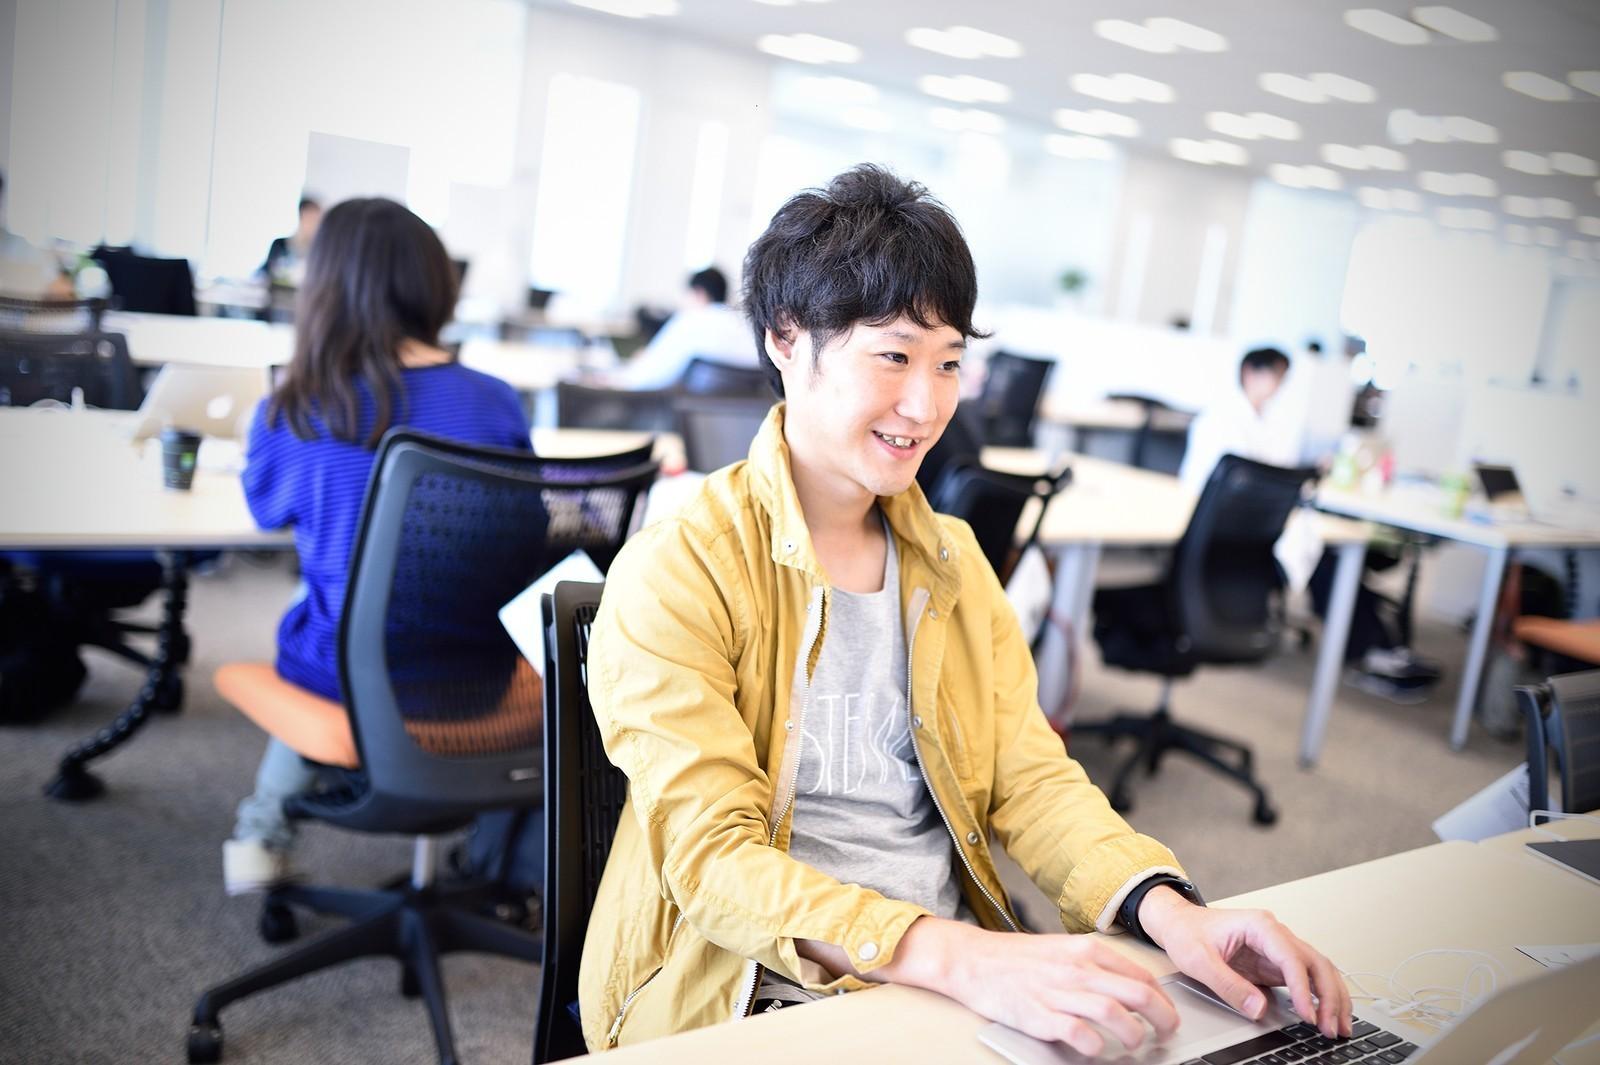 株式会社ファーストリテイリング・日本発の大手アパレル企業・ファーストリテイリングが「UNIQLO」「GU」の店舗/基盤システム開発担当メンバーを募集!